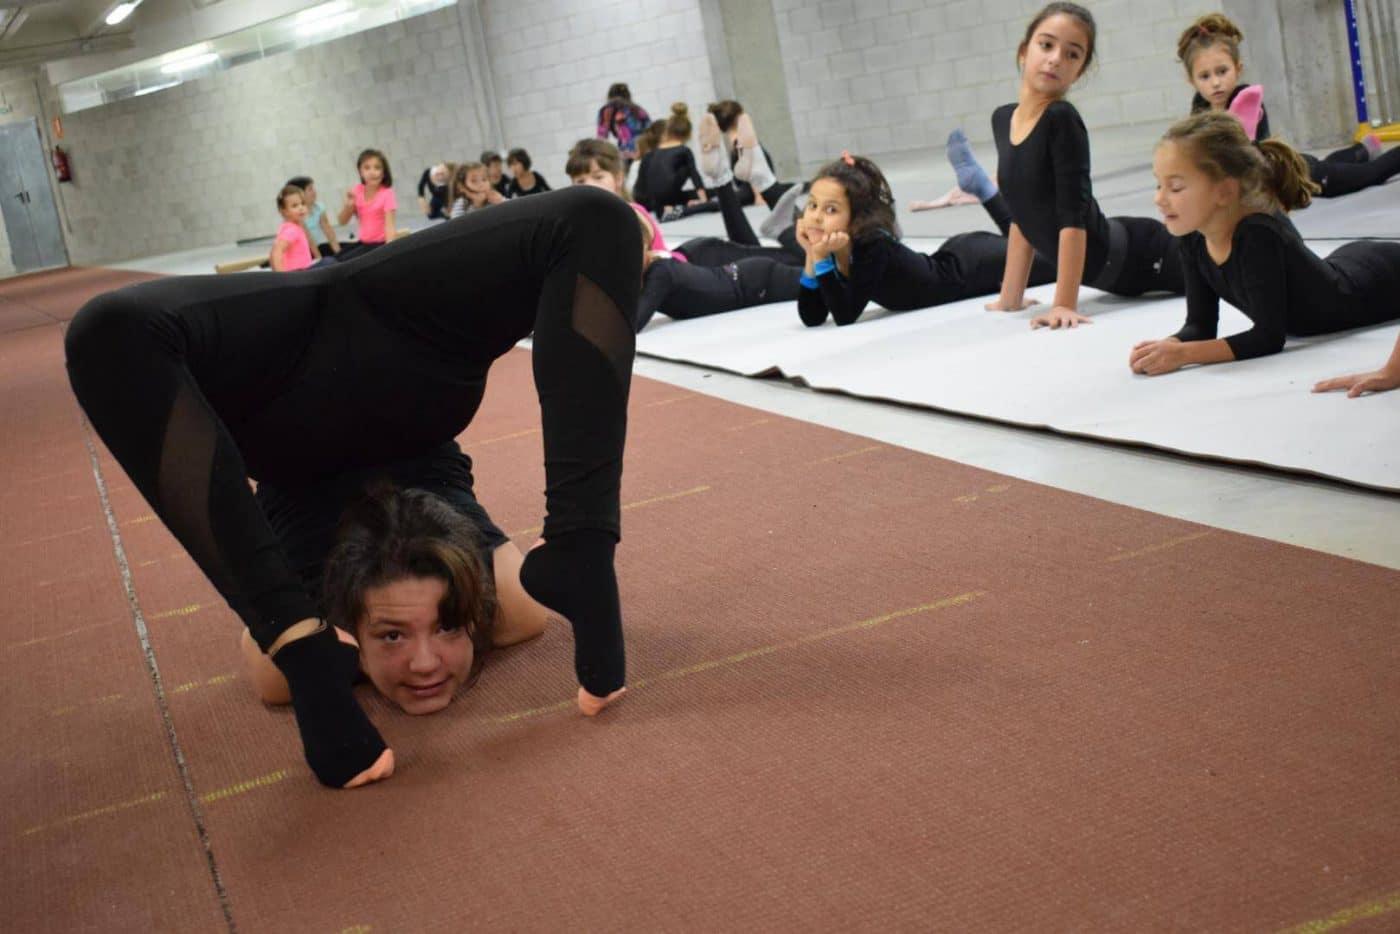 La gimnasia rítmica desembarca con ganas en Haro 1